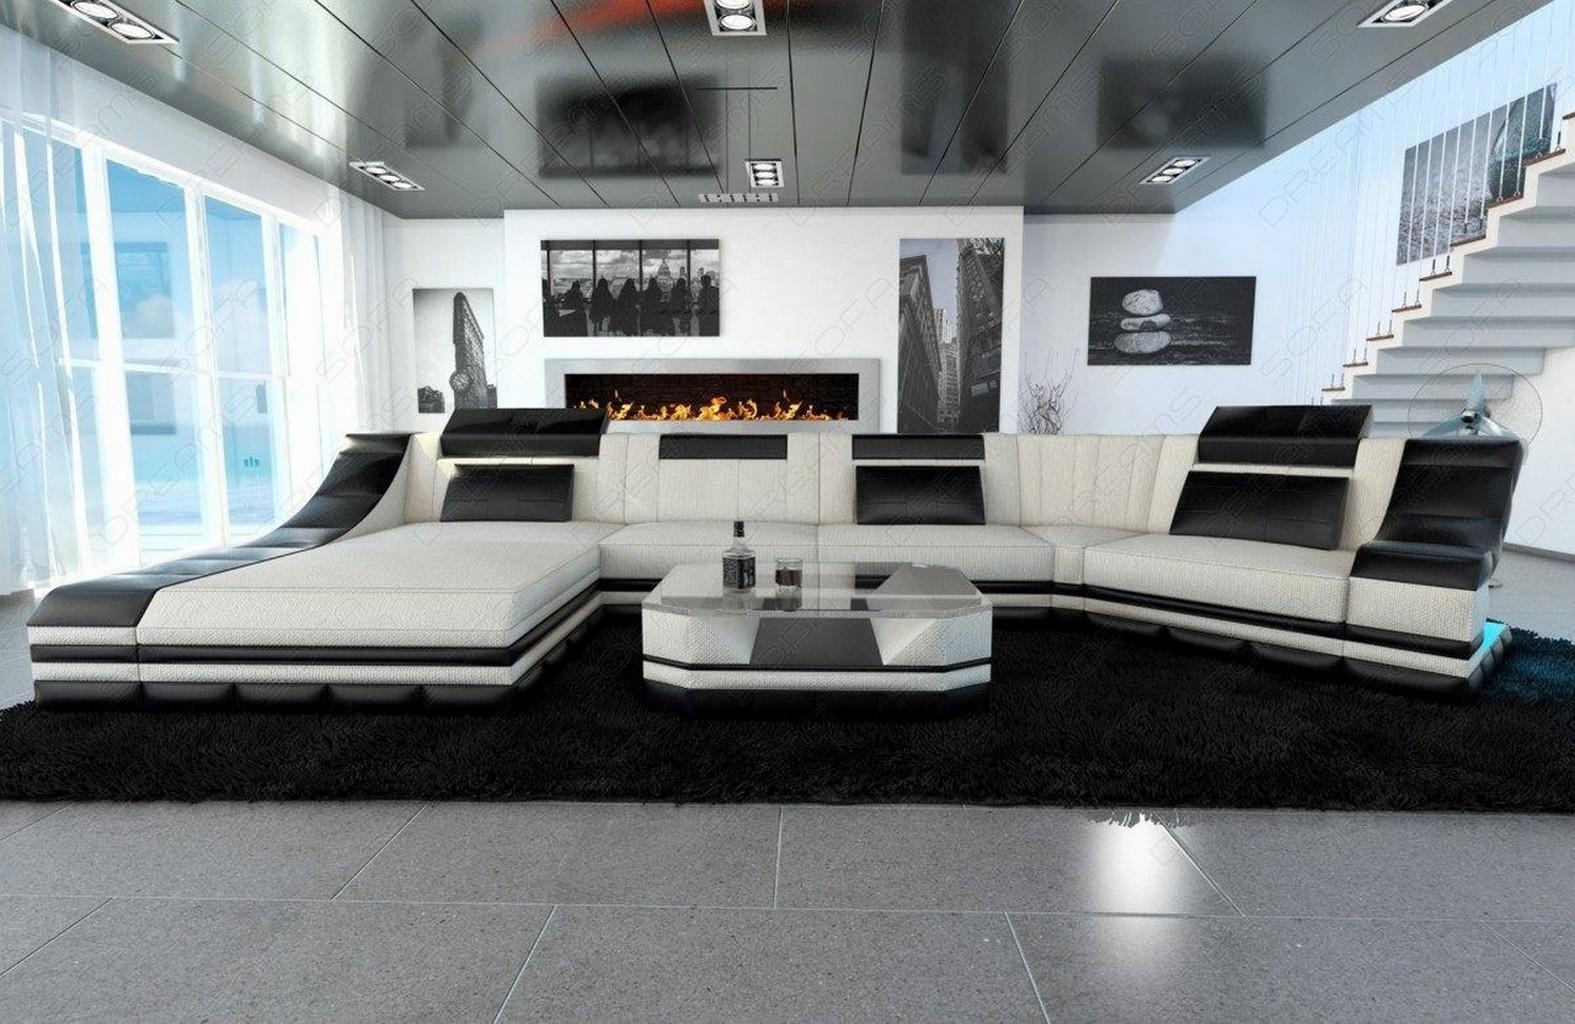 pigmentflecken beine entfernen aus. Black Bedroom Furniture Sets. Home Design Ideas